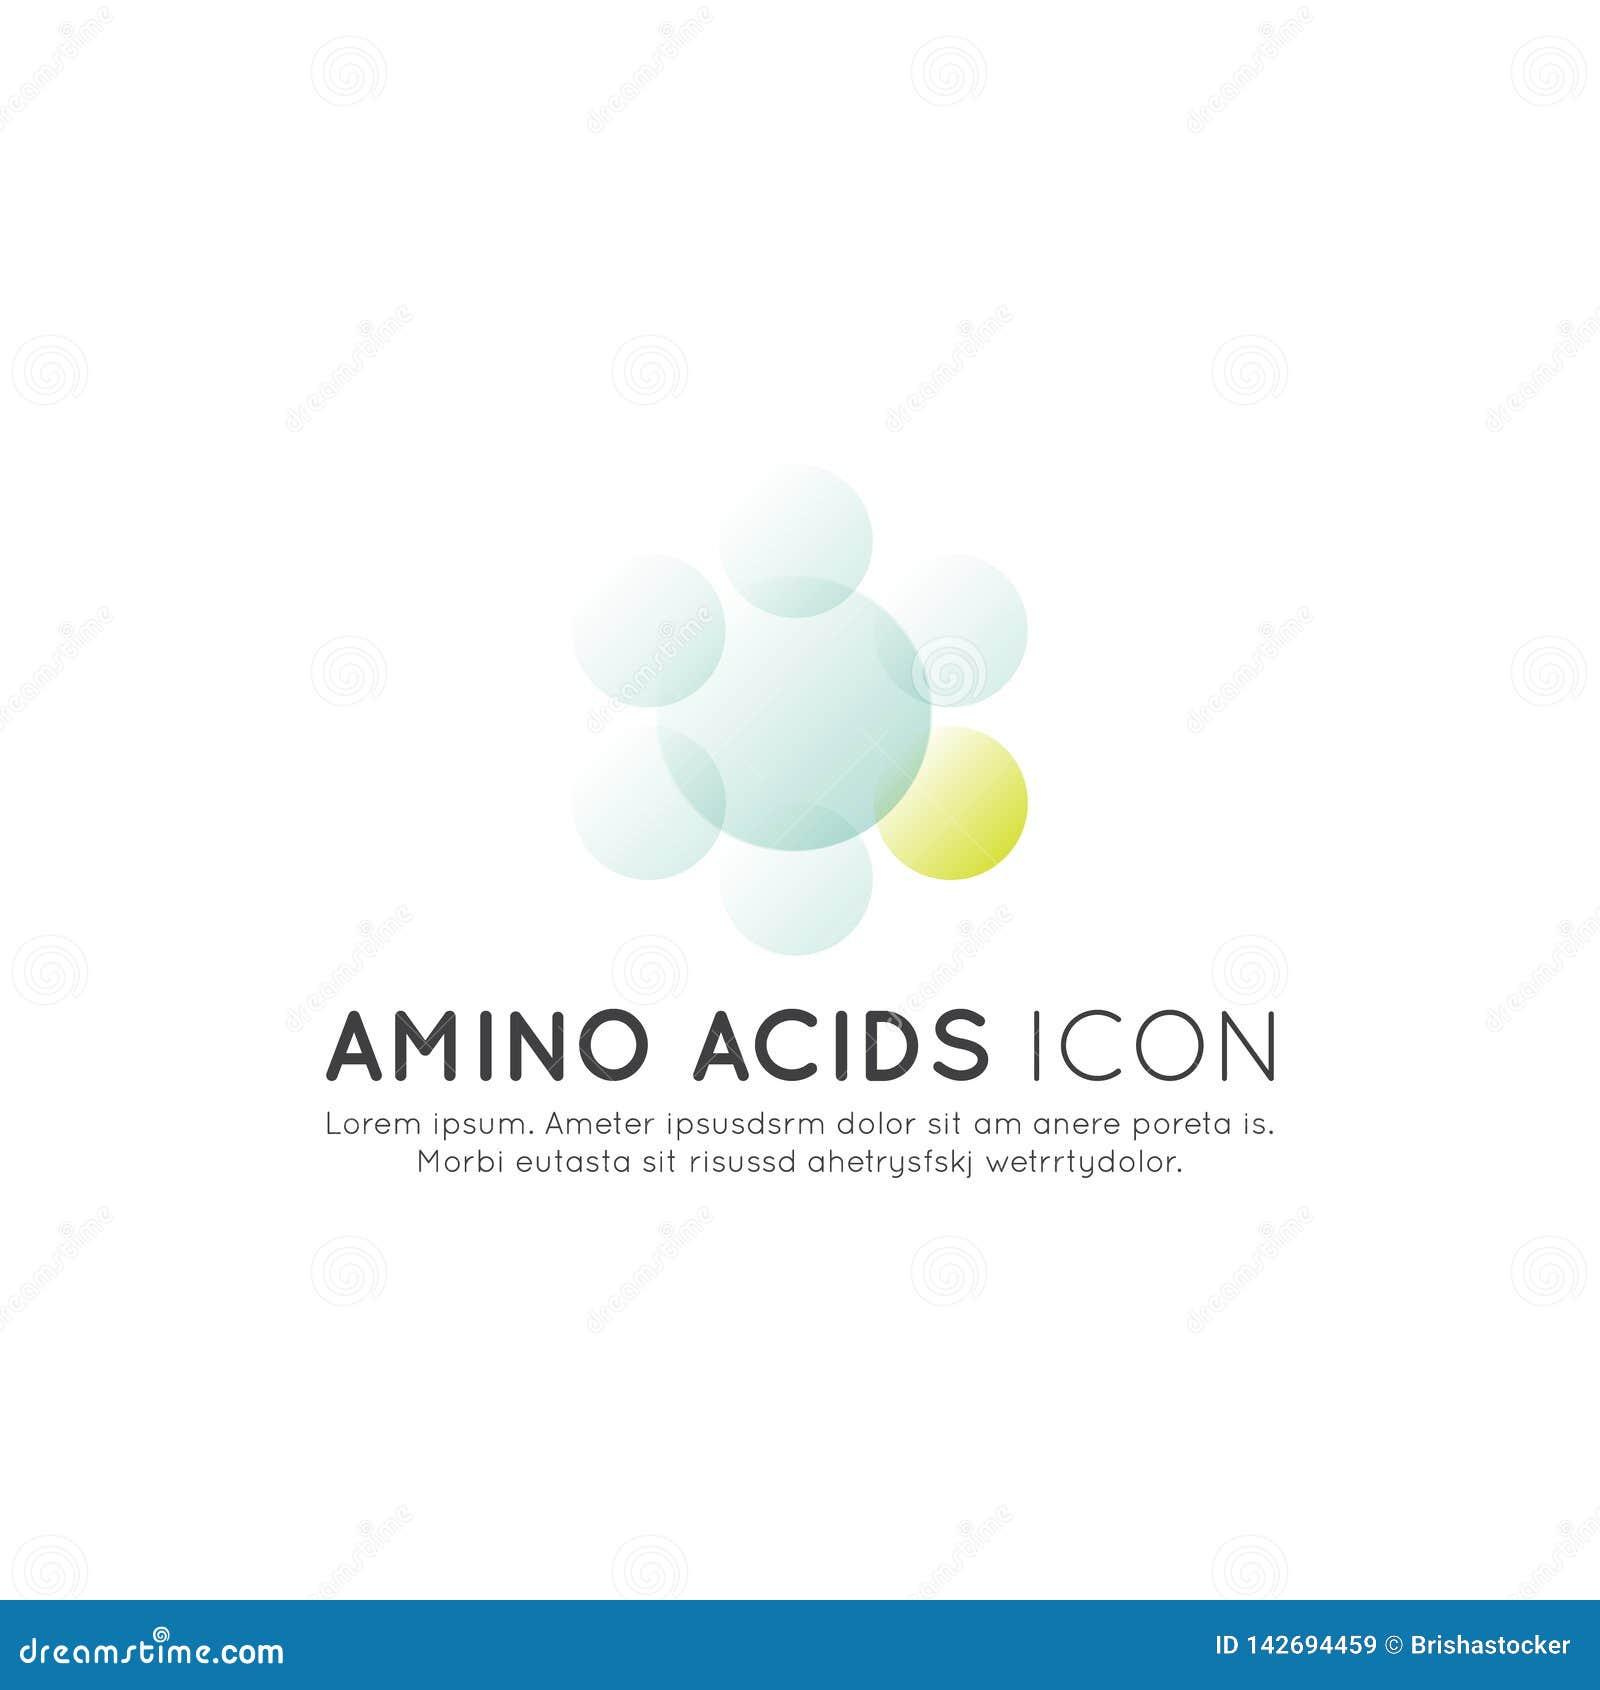 Logotipo de suplementos, ingredientes e vitaminas e elementos ao alimento para bio etiquetas do pacote - ácidos aminados